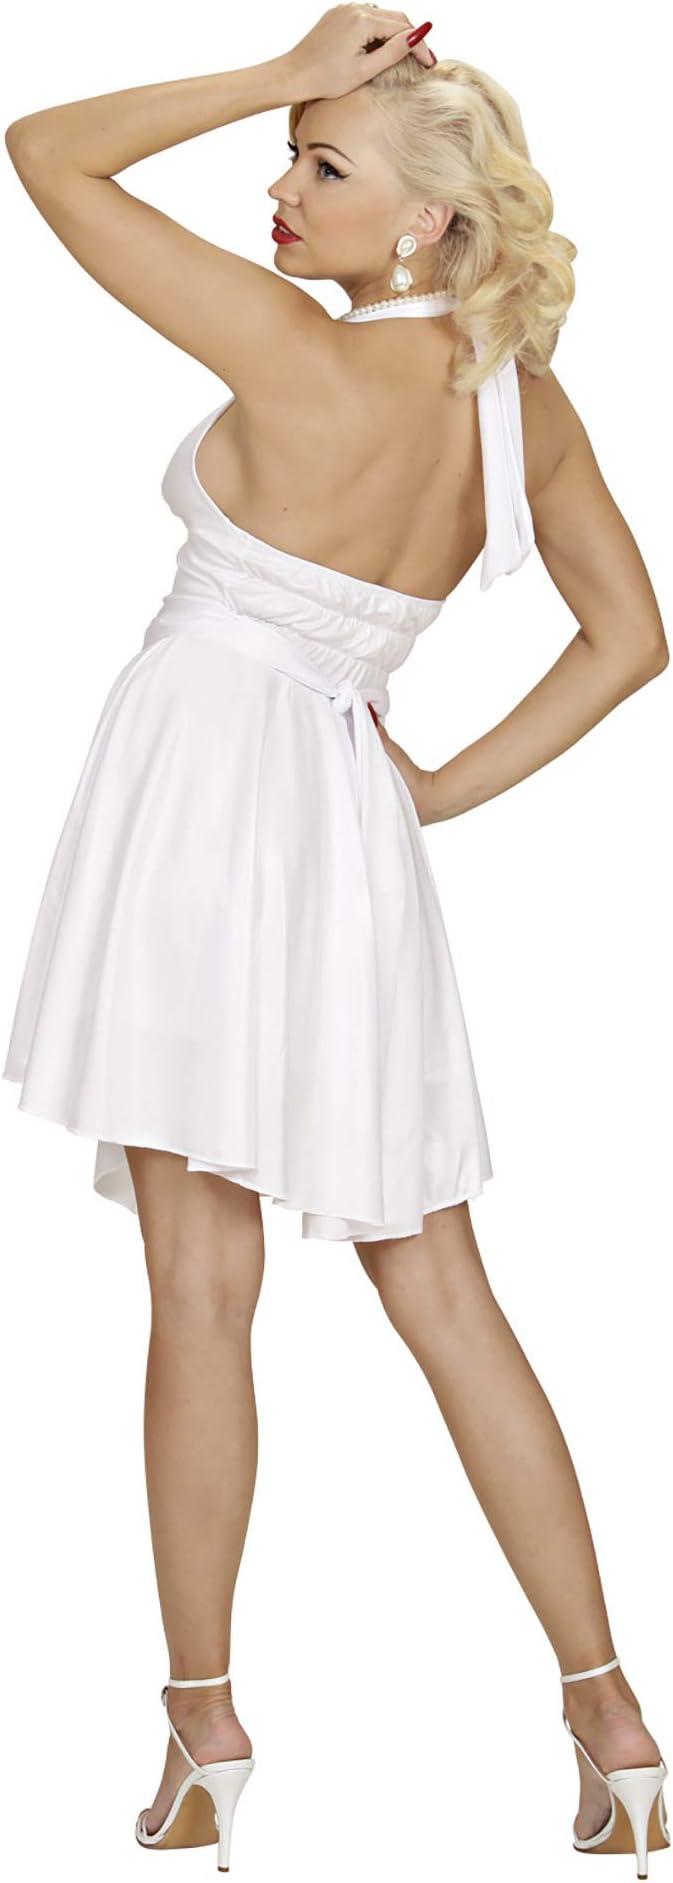 WIDMANN Widman - Disfraz de Marilyn para mujer, talla M (35022 ...